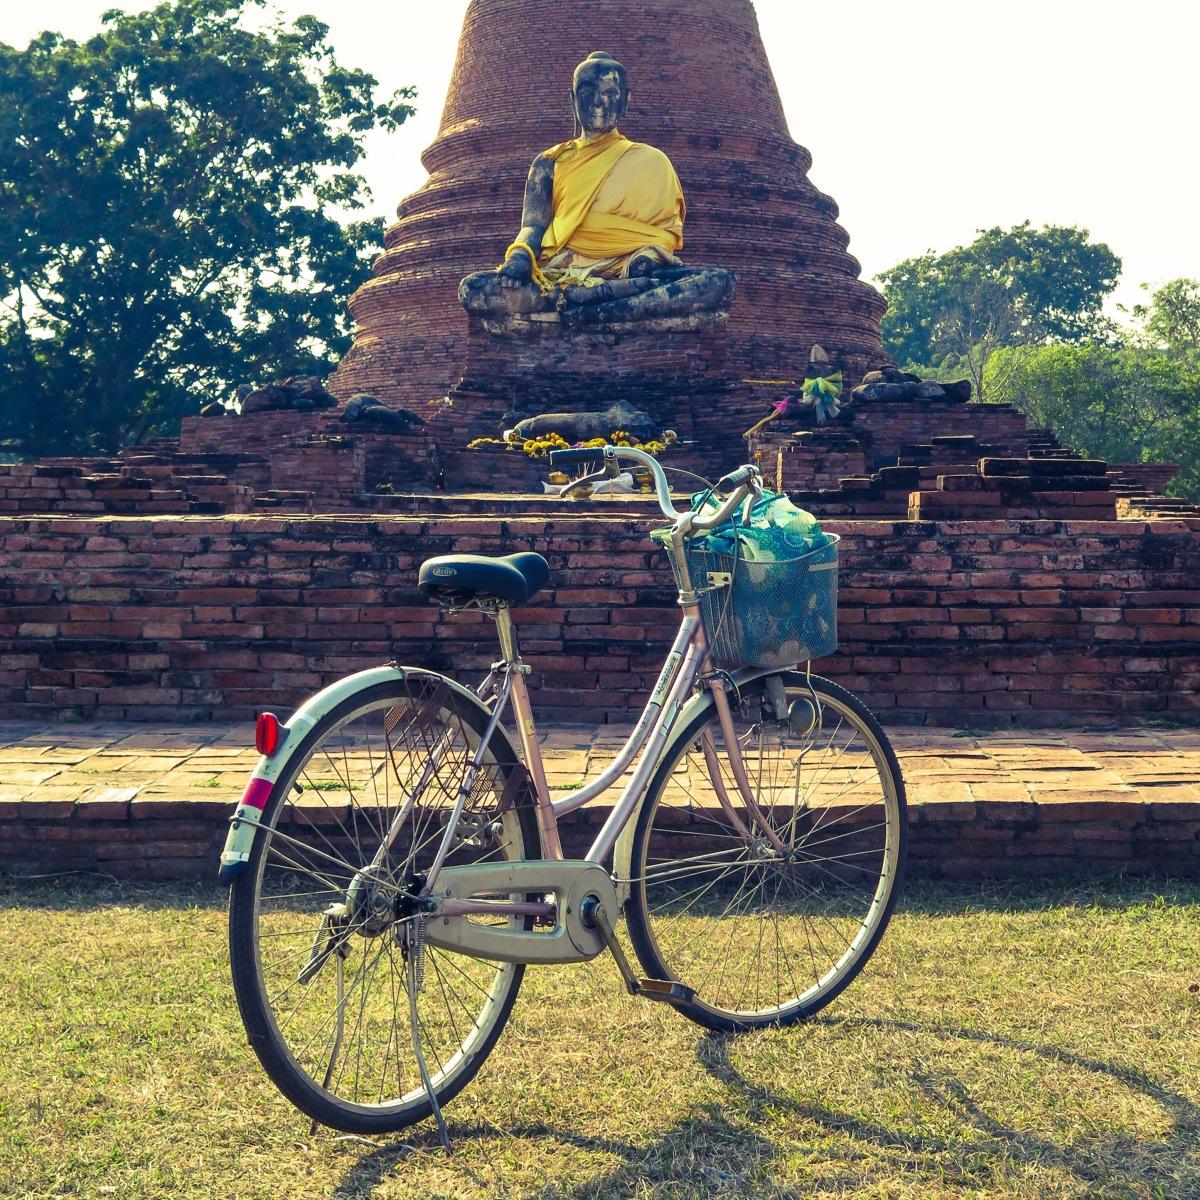 Ayuthaya - Bikes and Buddhas